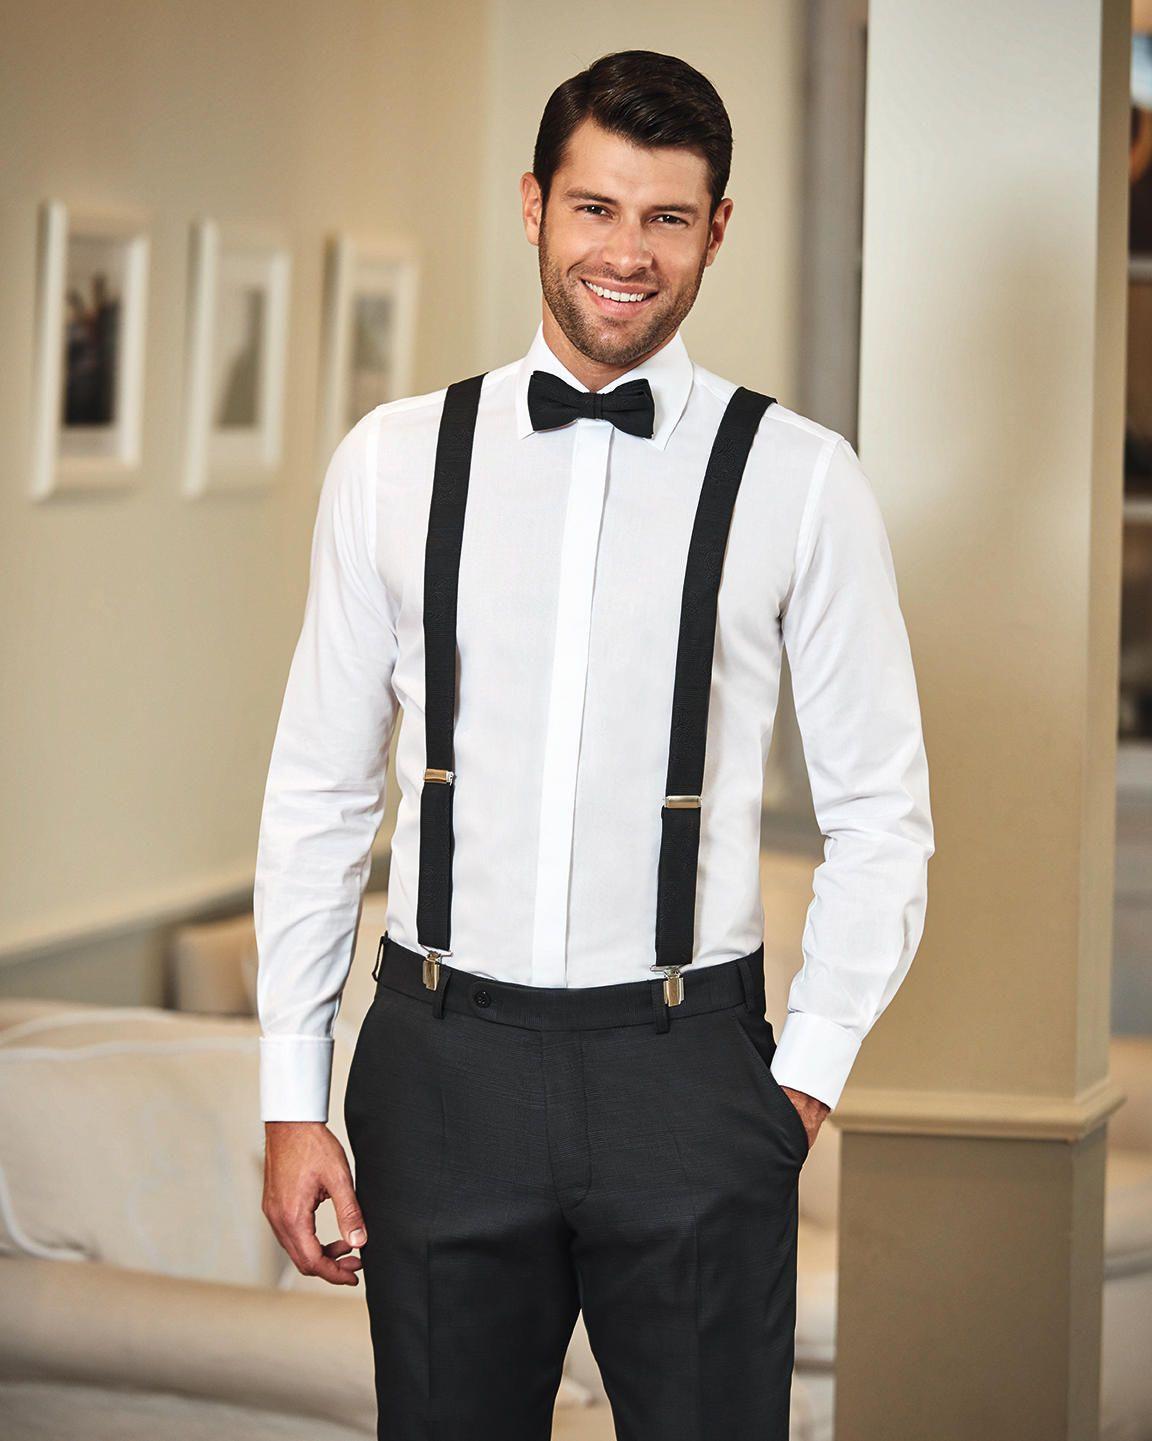 Wilvorst #hochzeit #wedding #hochzeitsmode #weddingdress